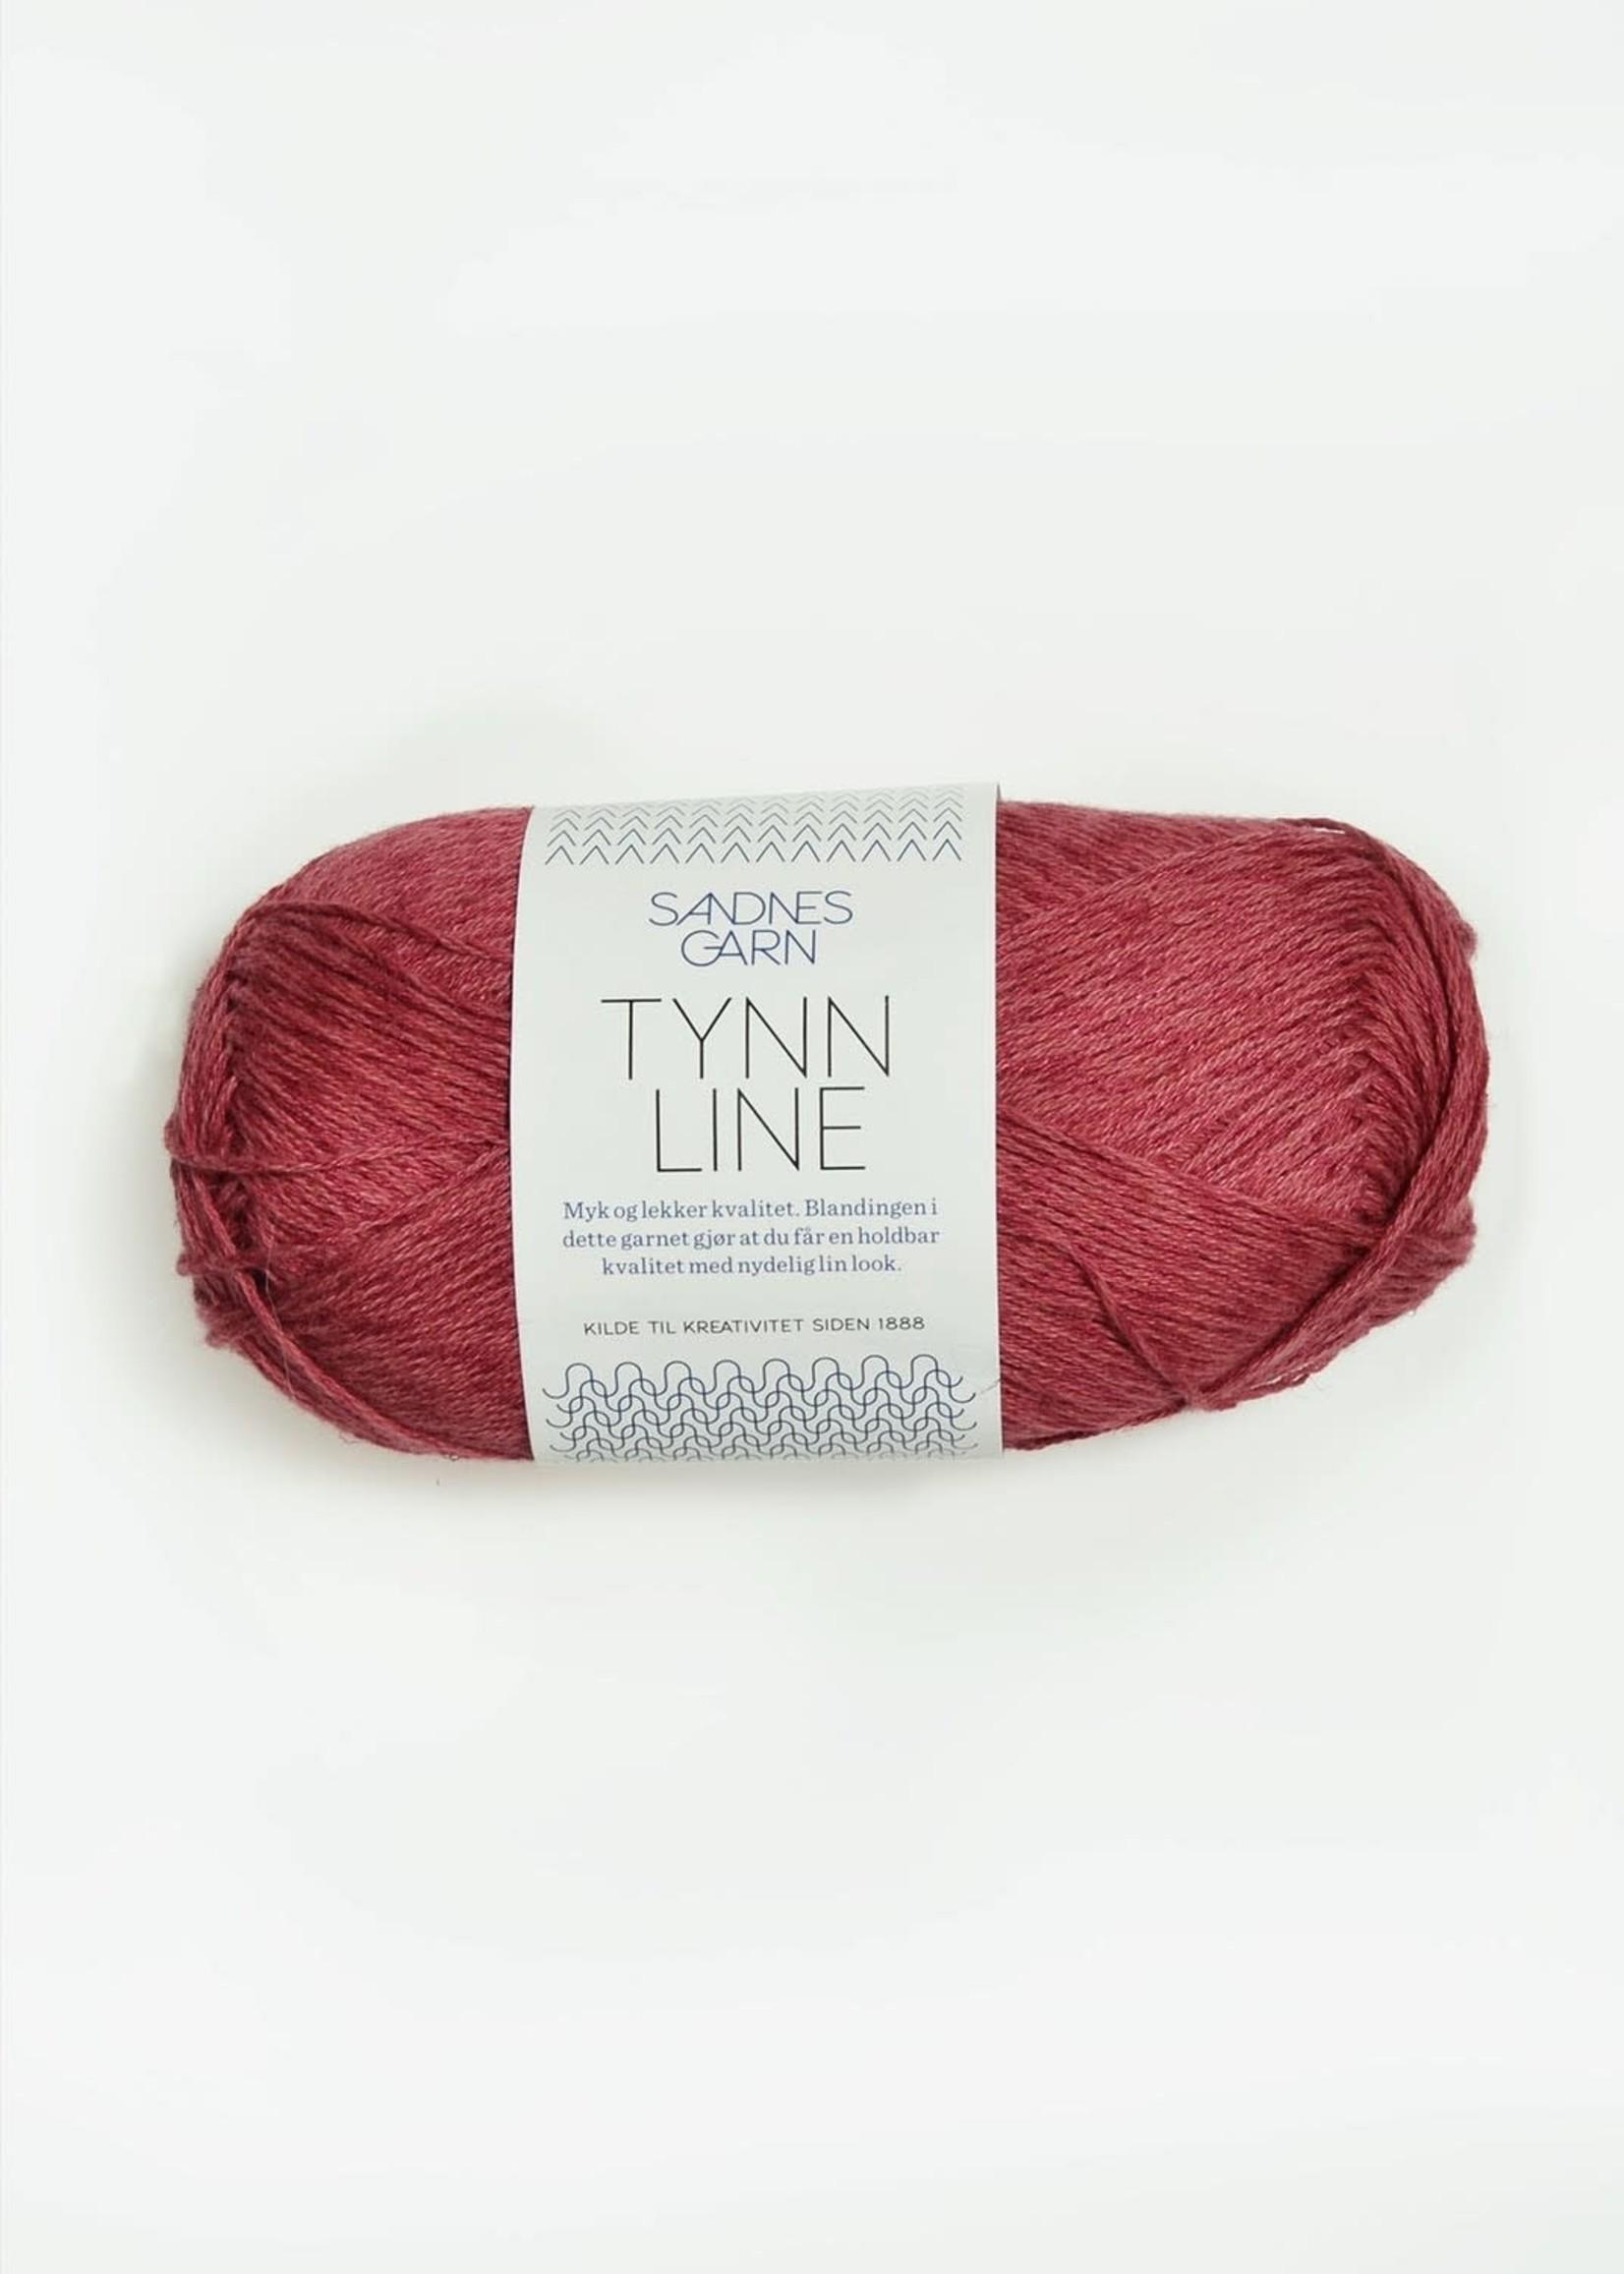 Sandnes Garn Tynn Line - Bringebaerkrem #4335